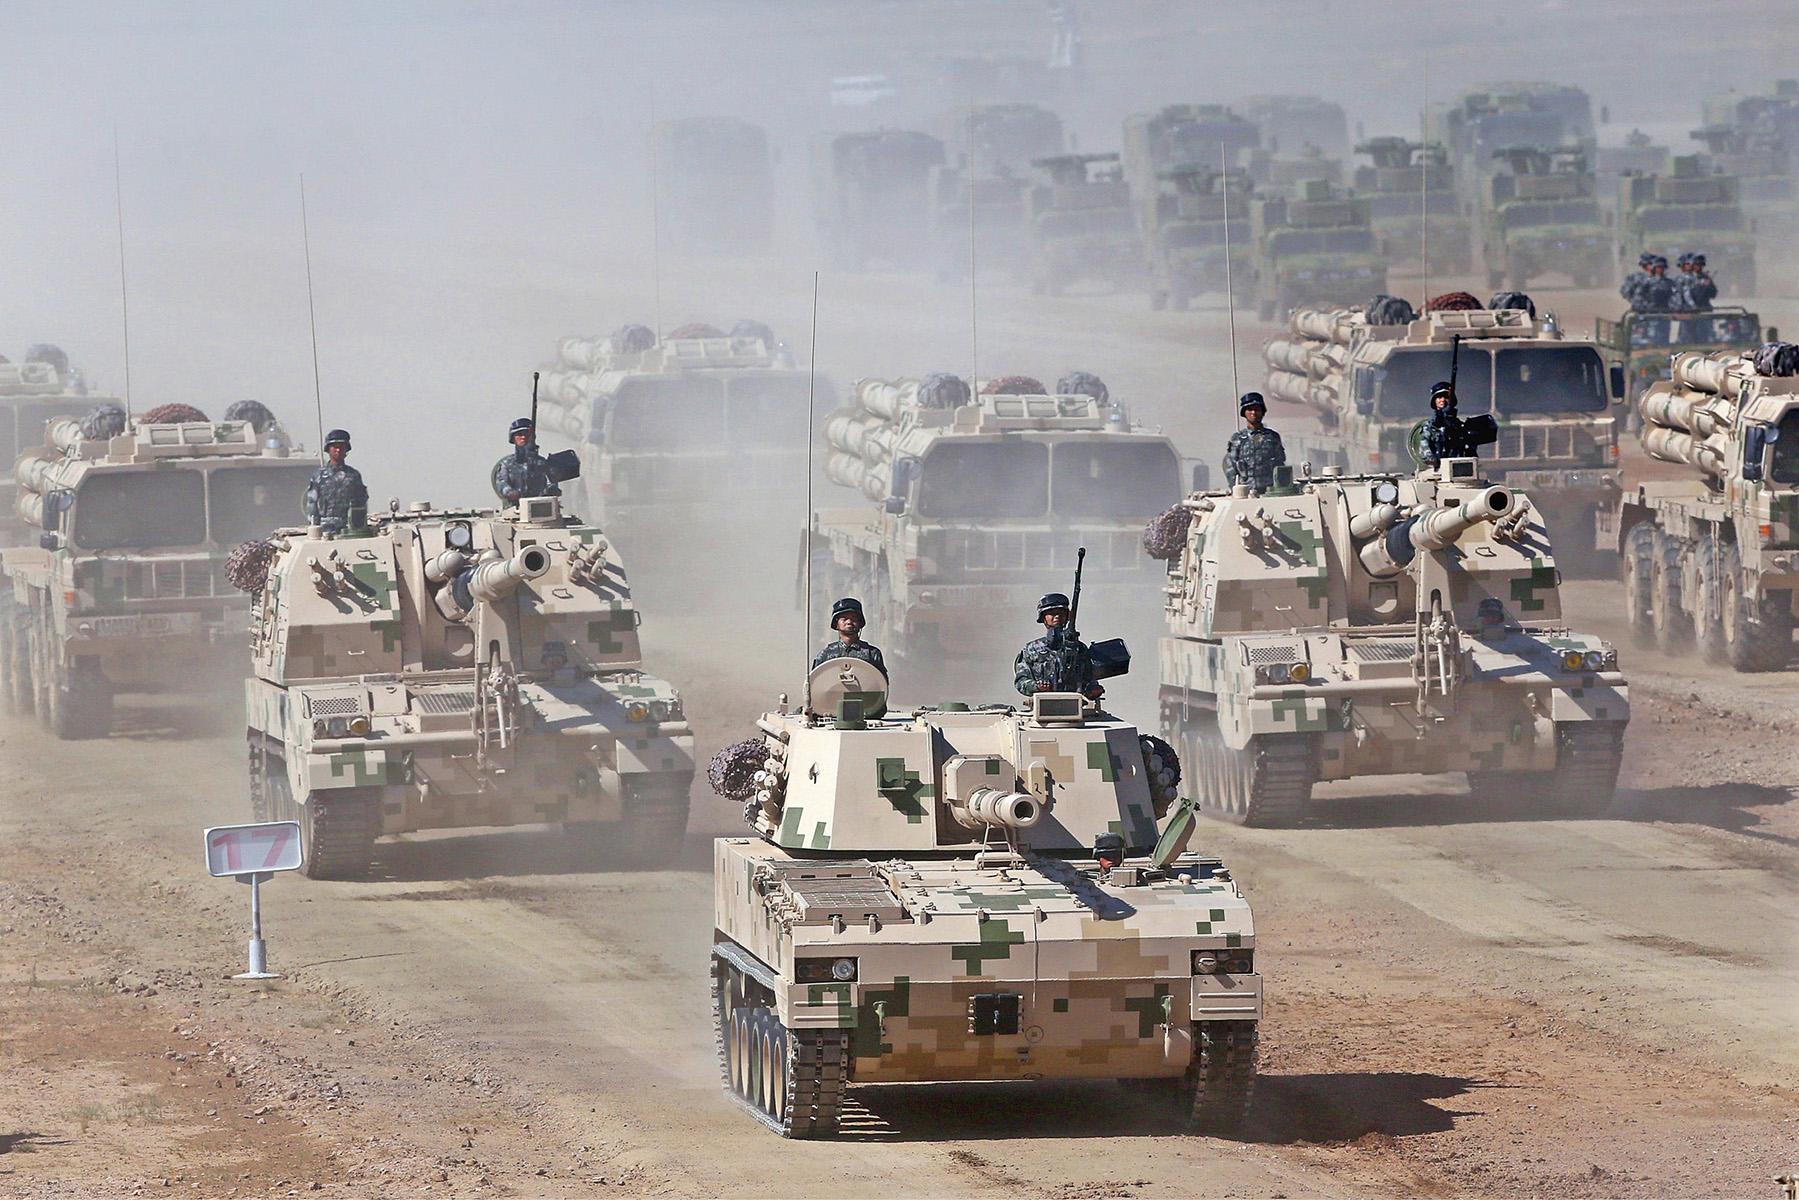 2017年7月30日,中国人民解放军建军90週年阅兵在位于内蒙古的朱日和训练基地举行。